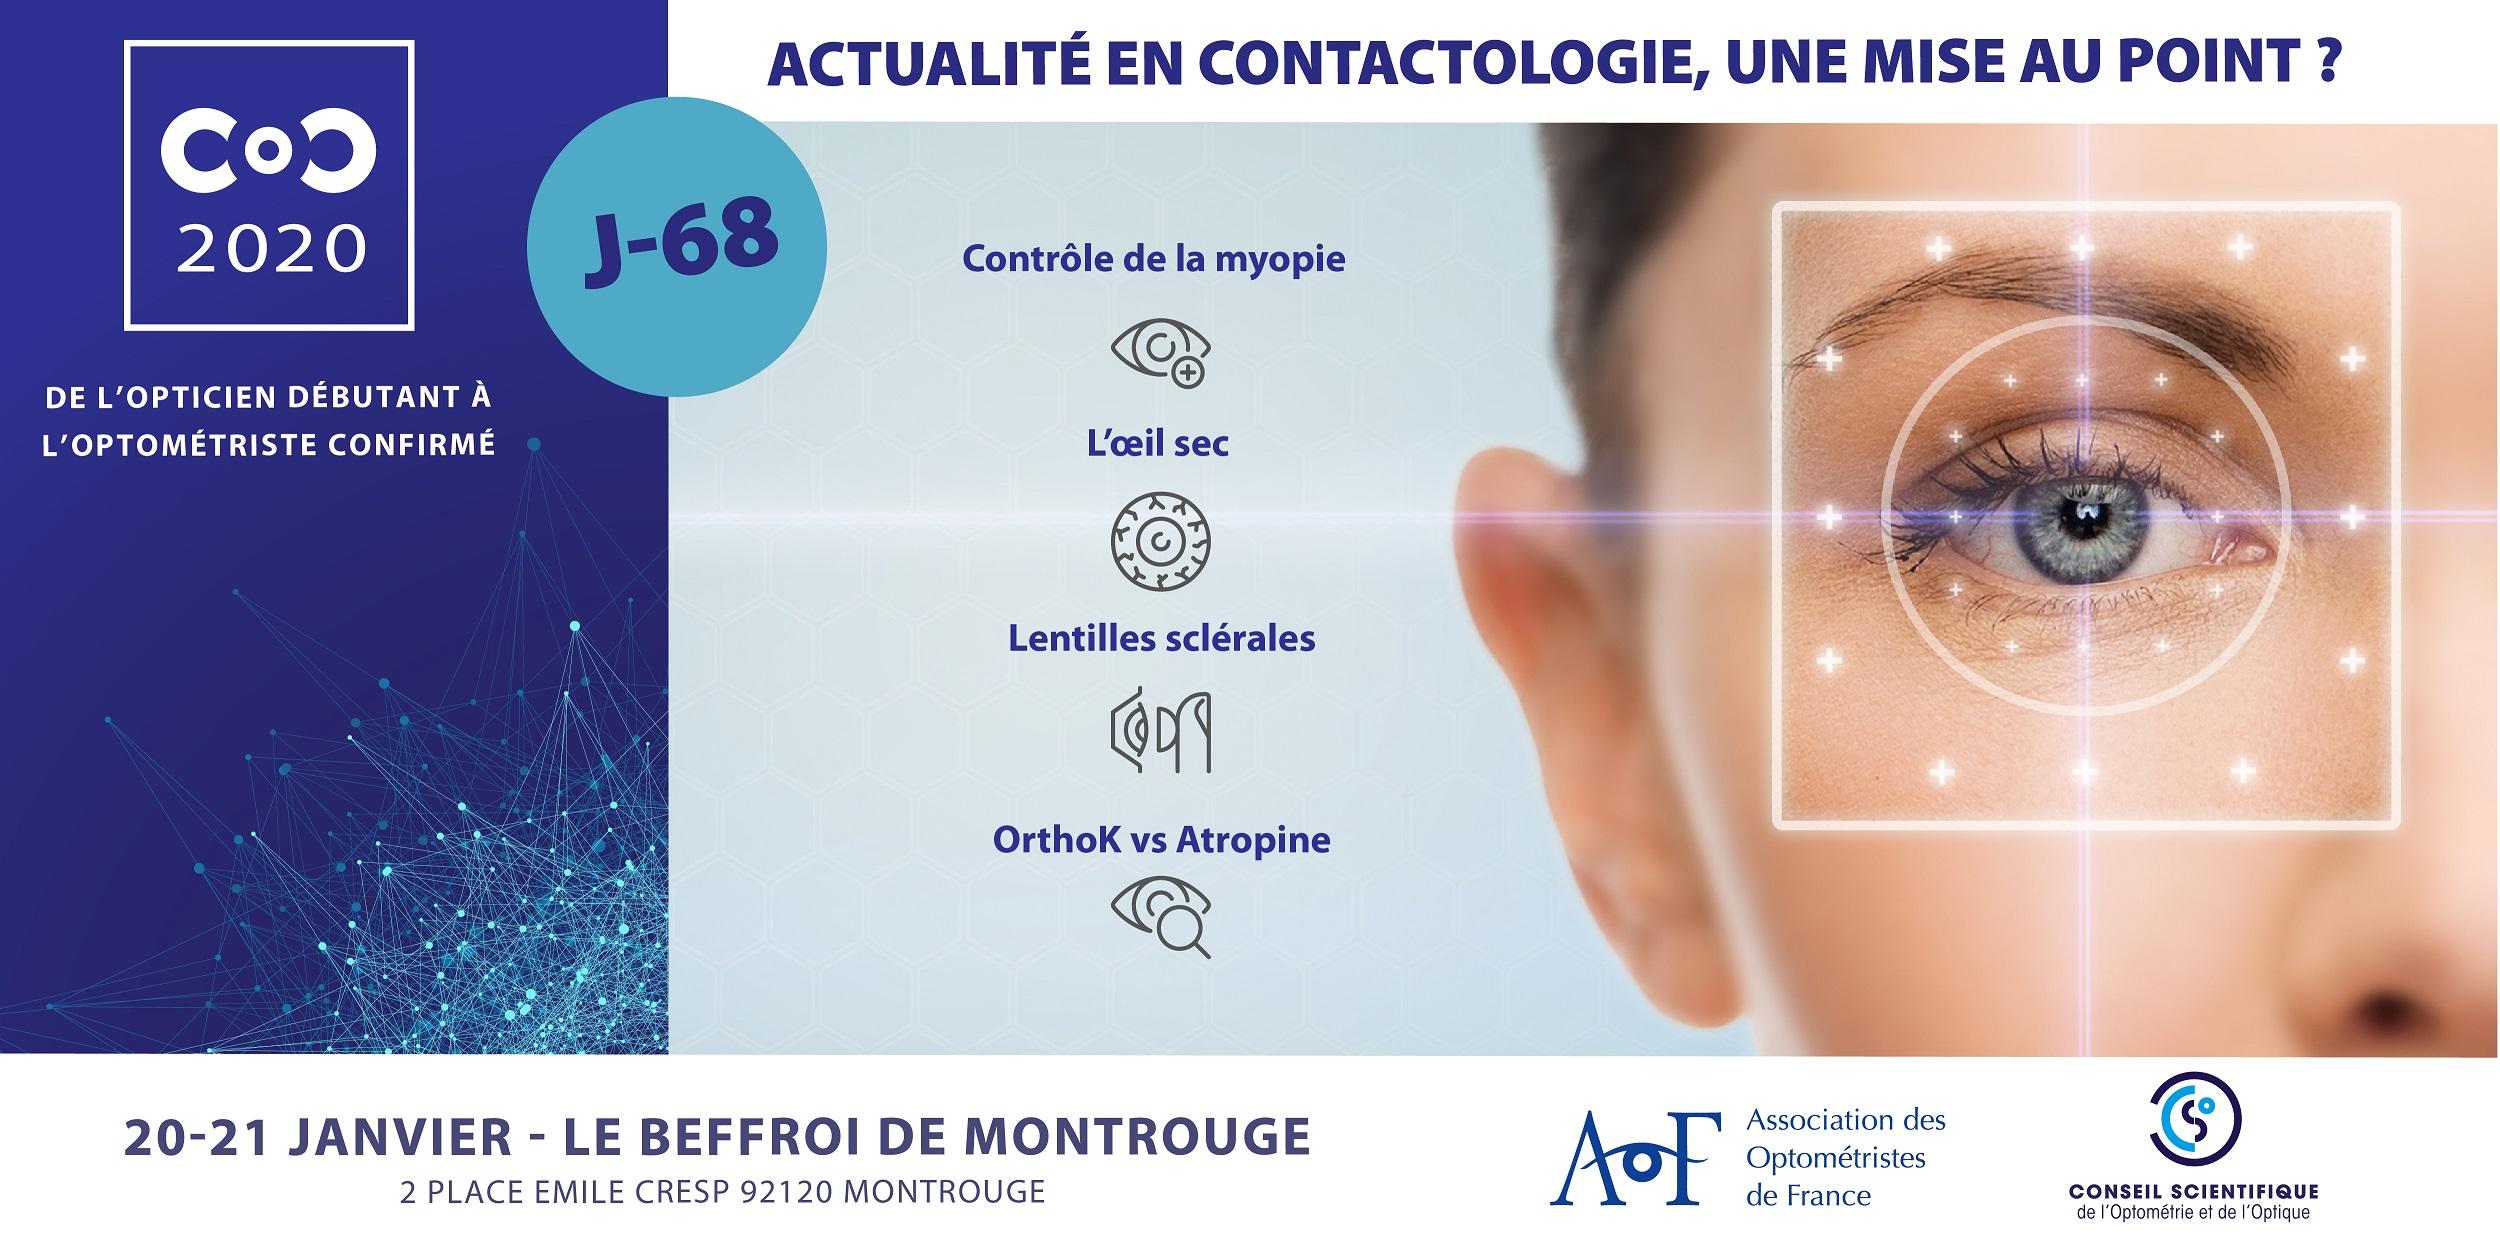 C.O.C.2020 / J-68 Actualité en contactologie, une mise au point ?